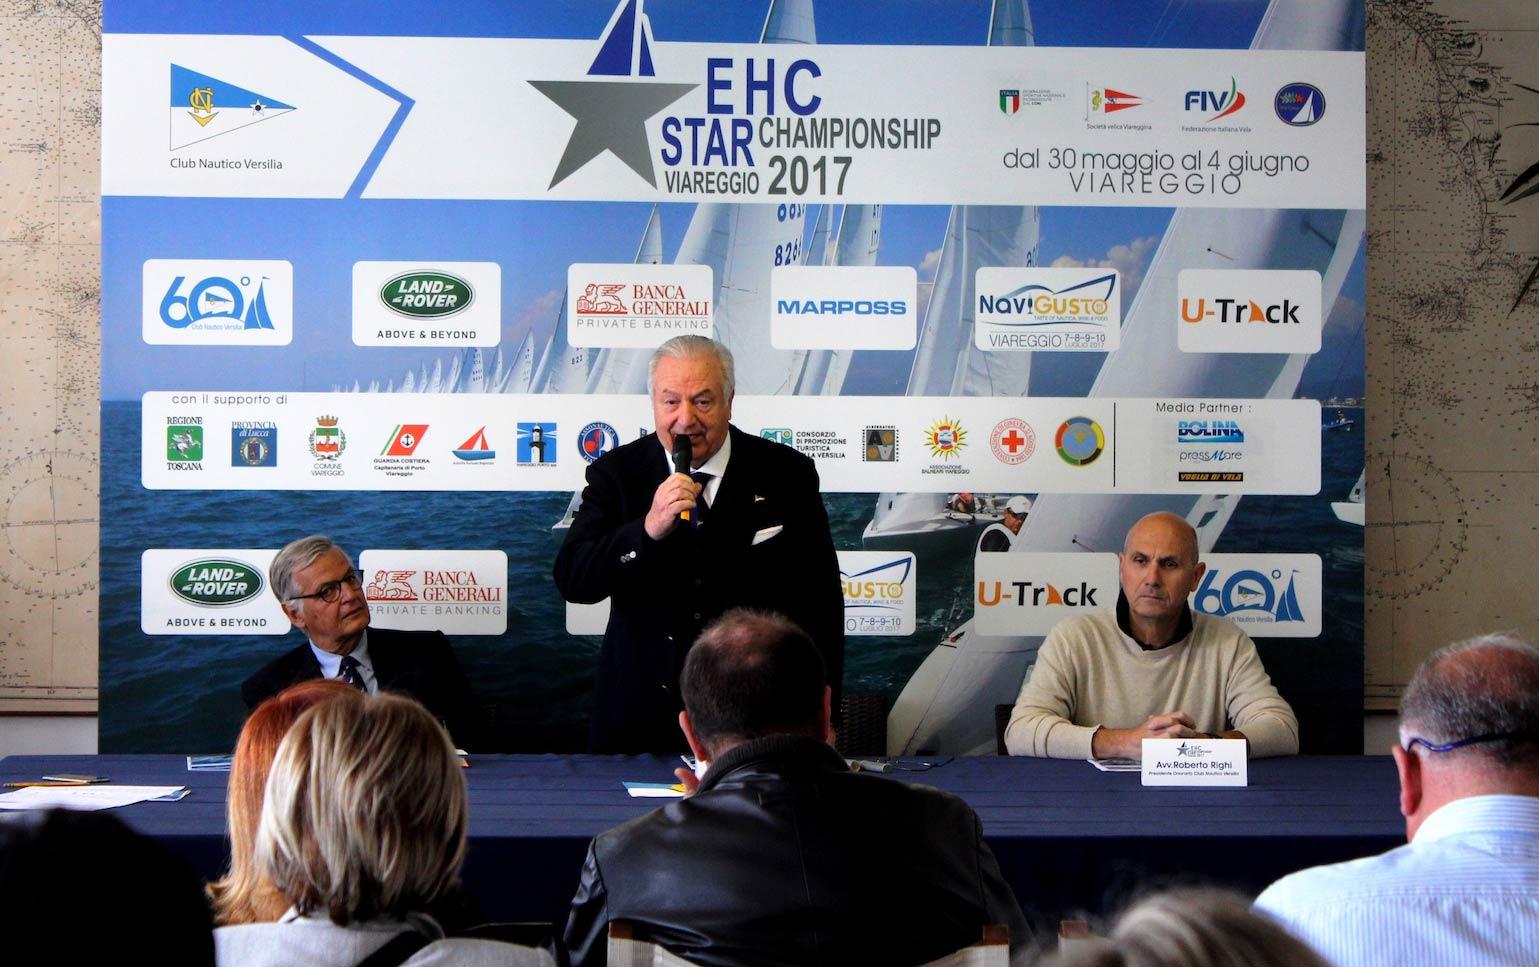 Vela classe STAR, campionato internazionale a Viareggio